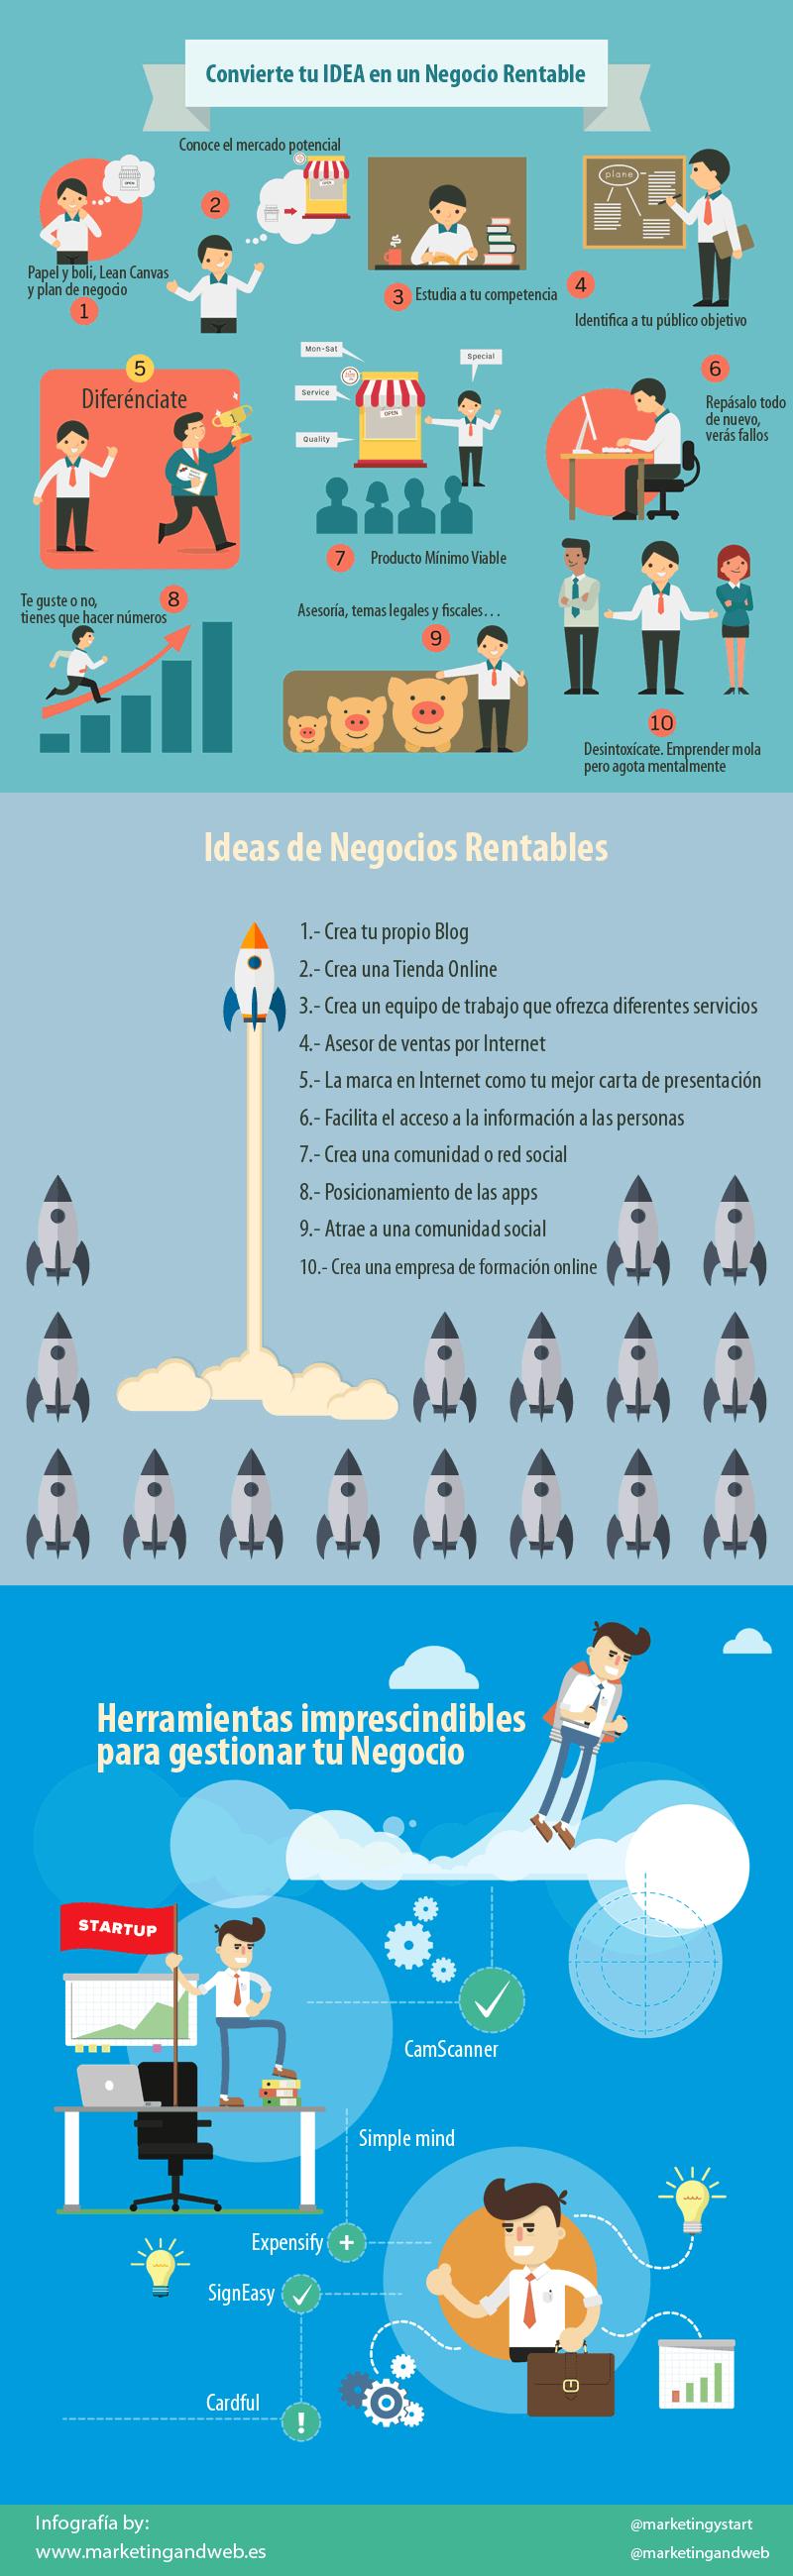 negocios rentables infografia